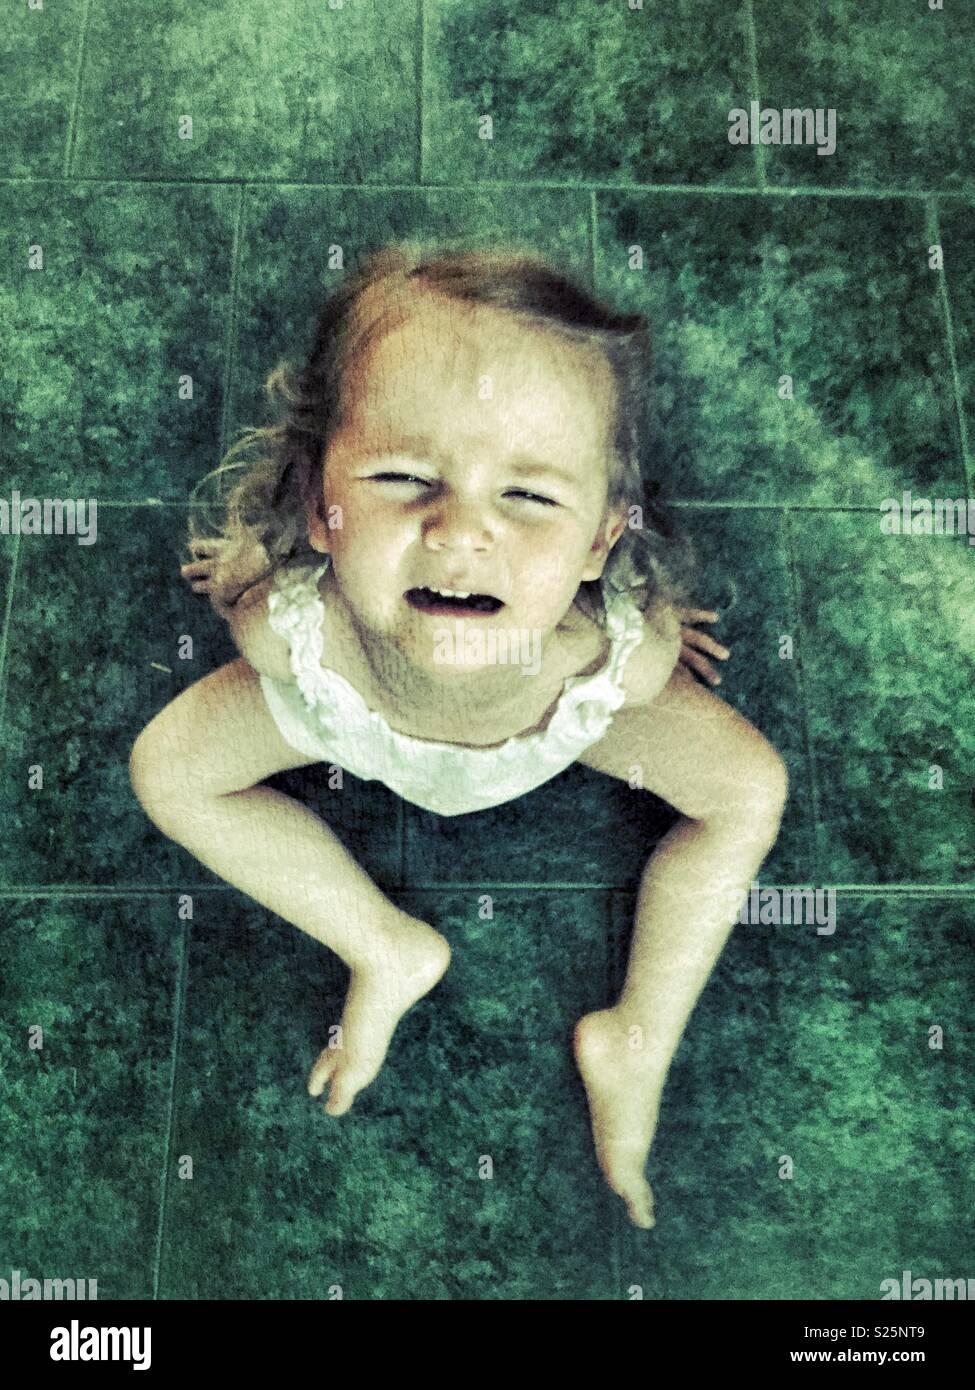 Toddler girl sitting on green tile floor having a temper tantrum - Stock Image